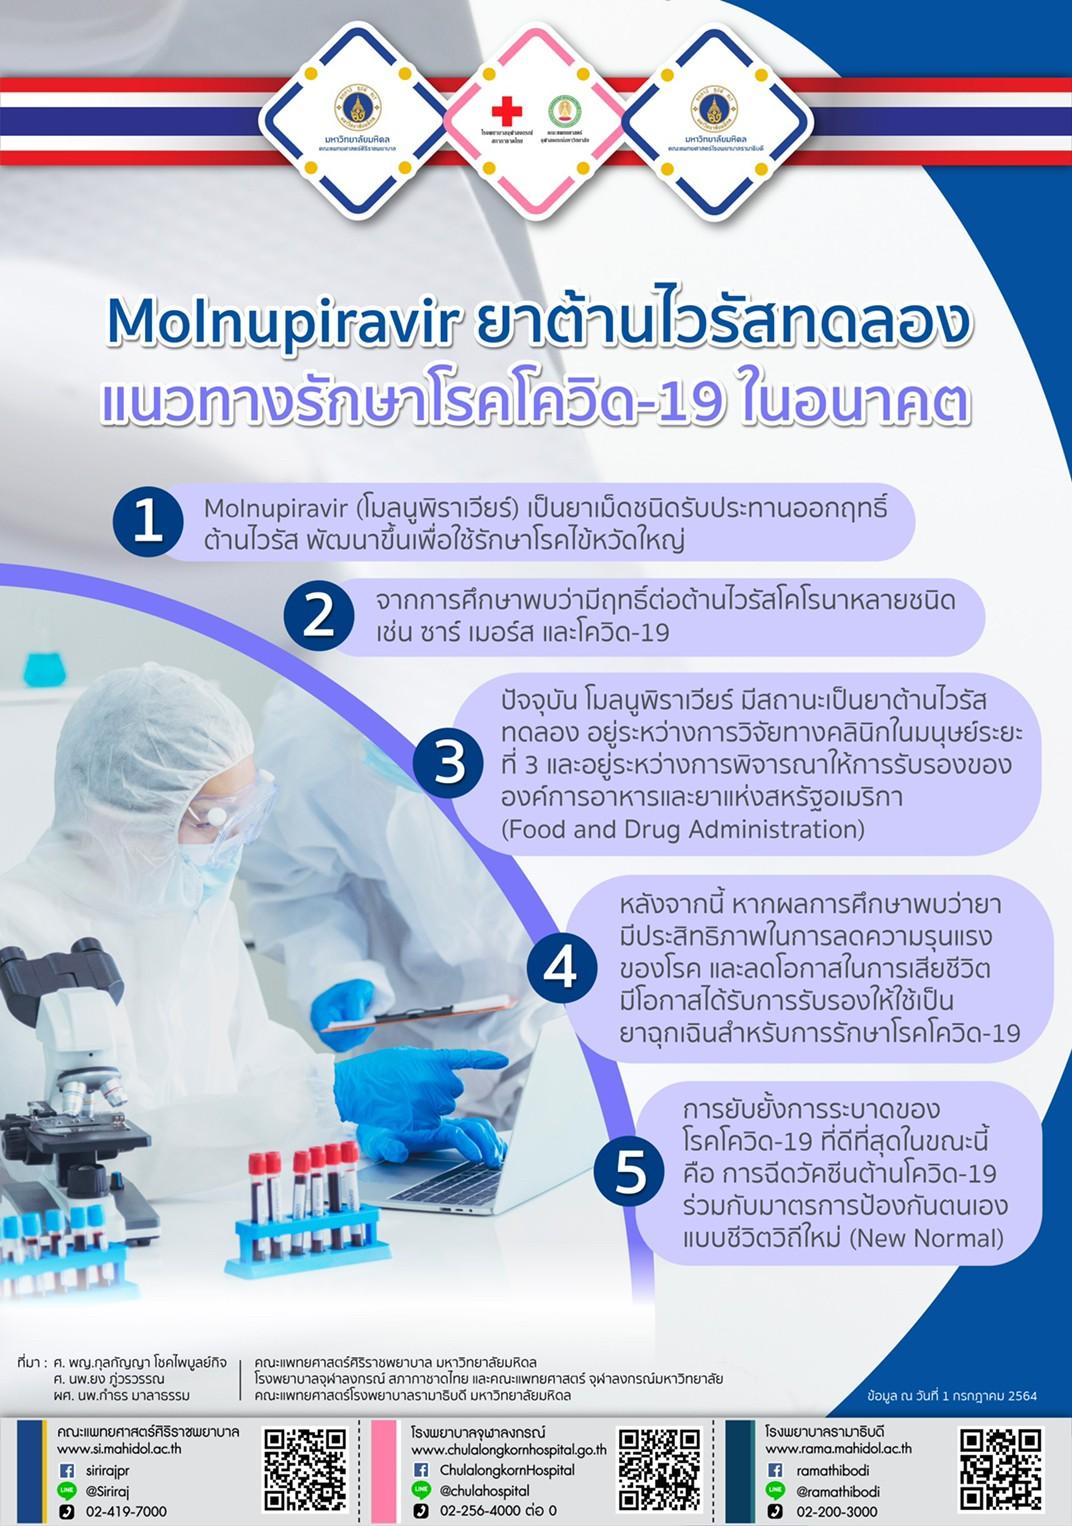 Molnupiravir ยาต้านไวรัสทดลองแนวทางรักษาโรคโควิด-19 ในอนาคต